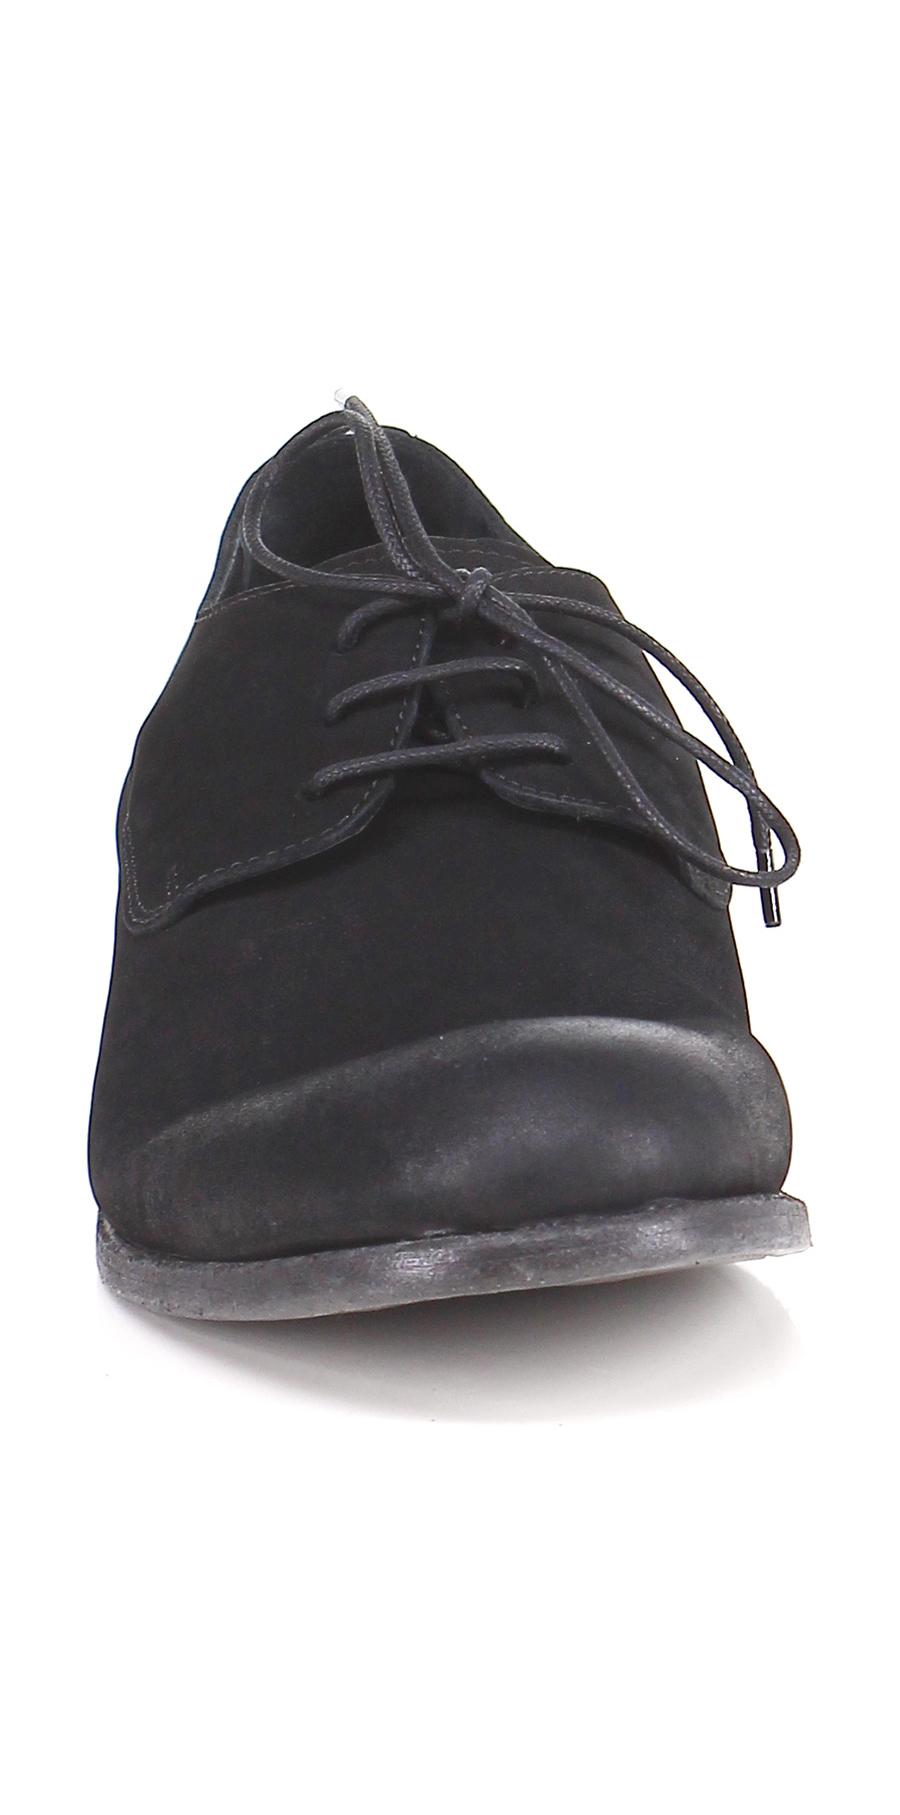 Stringata Nero Hundred 100 Verschleißfeste billige Schuhe